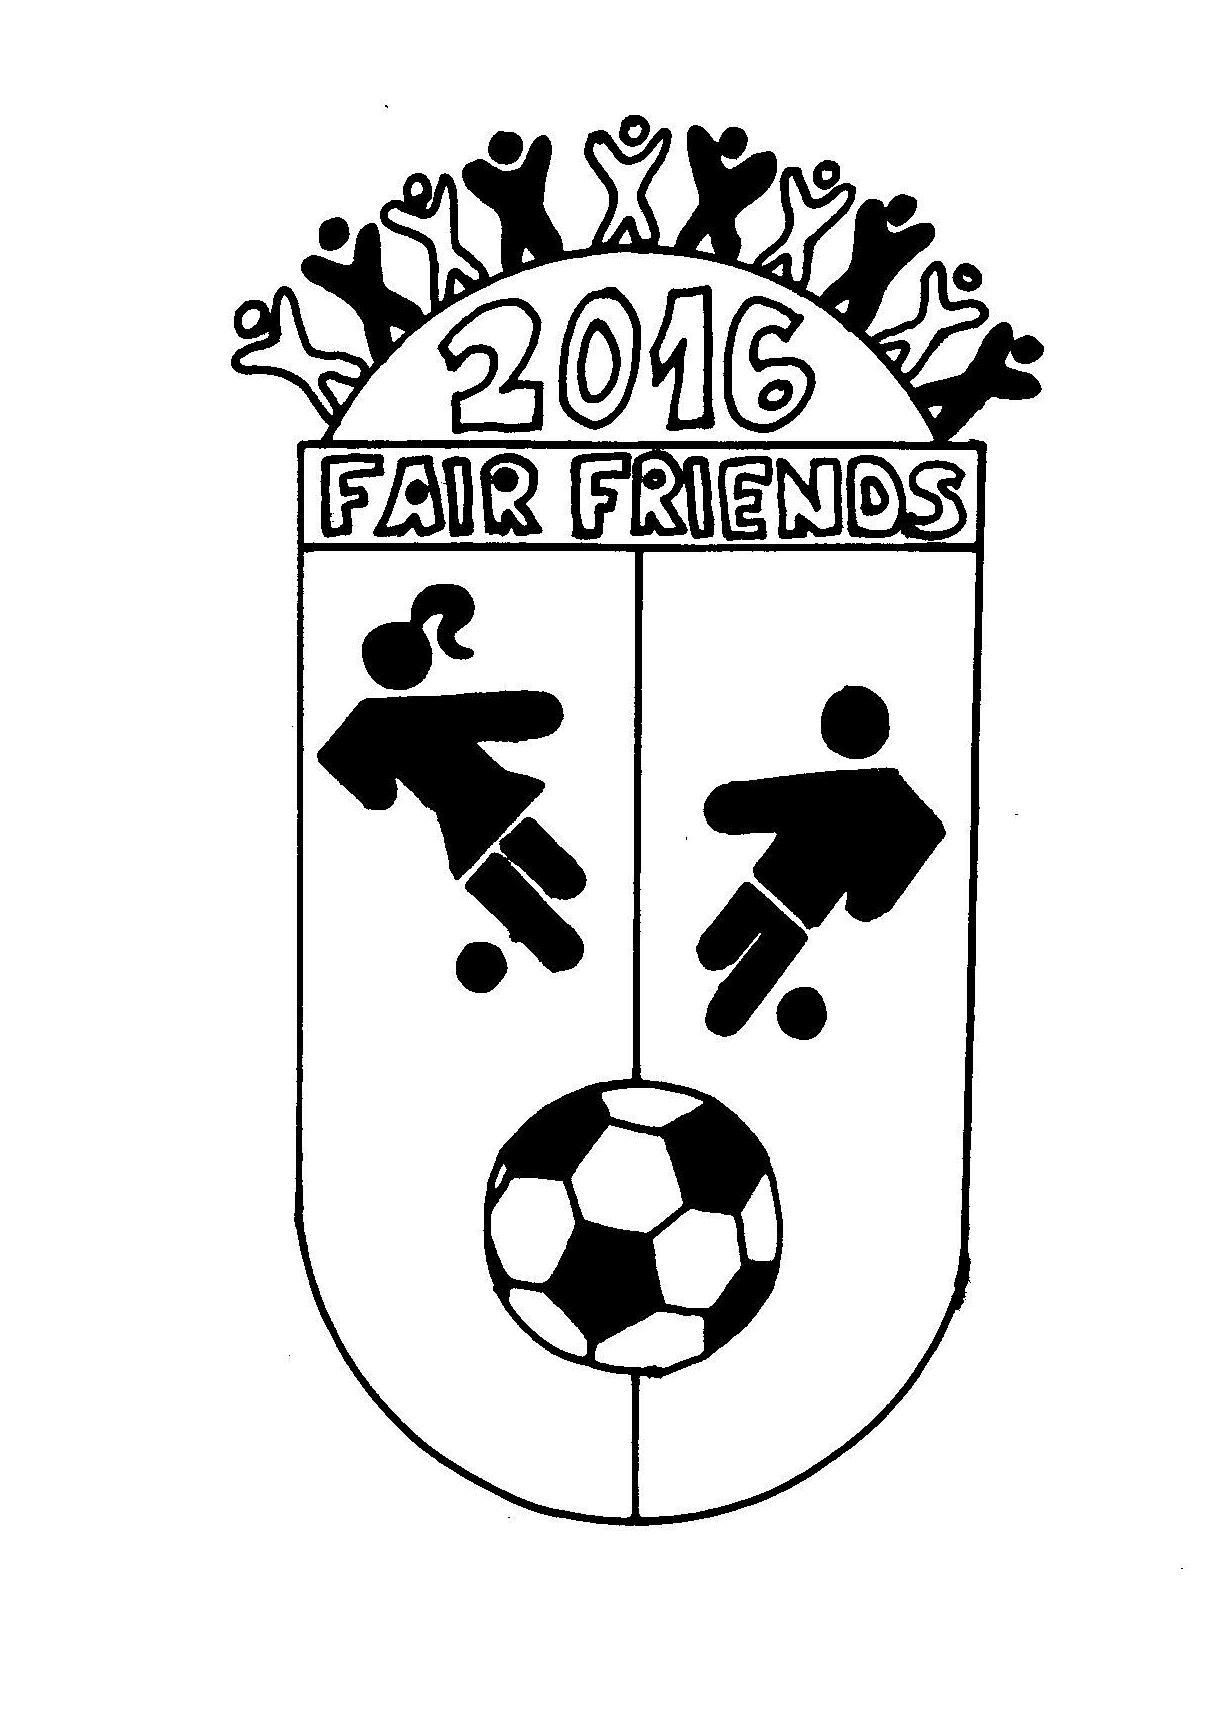 Fair Friends 2016